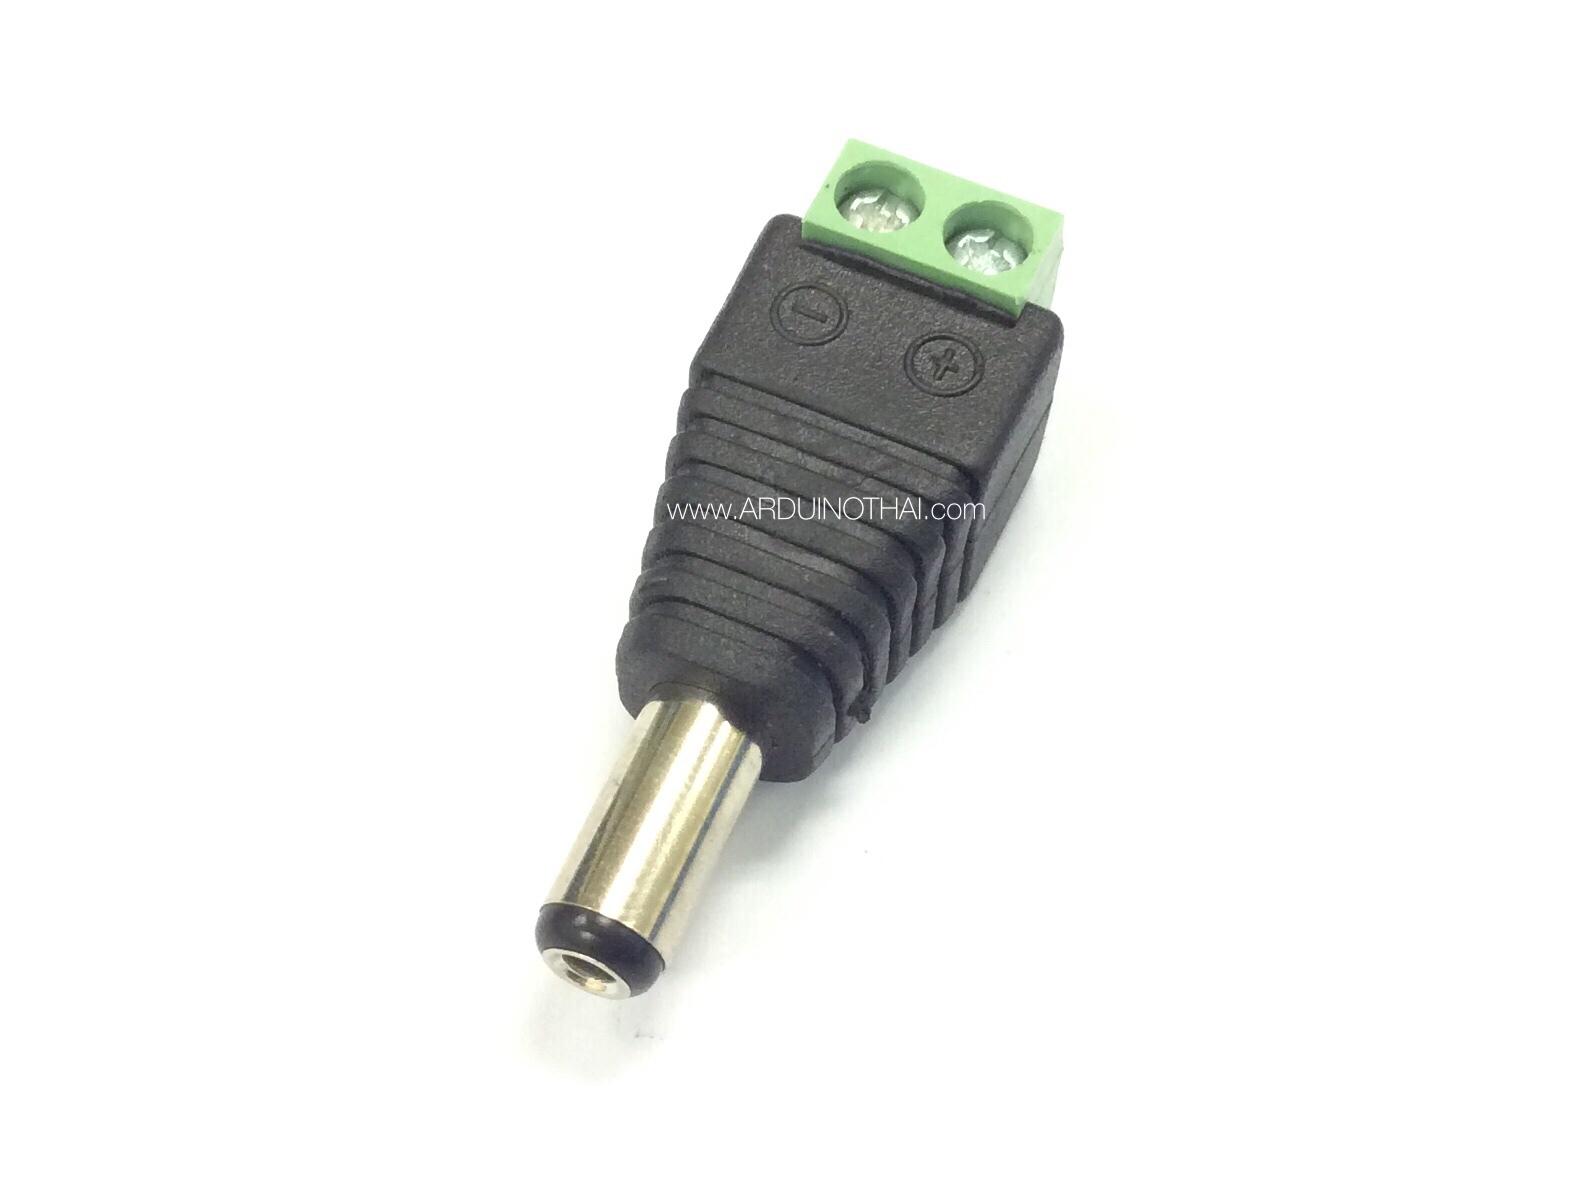 Adapter Jack สำหรับ Arduino